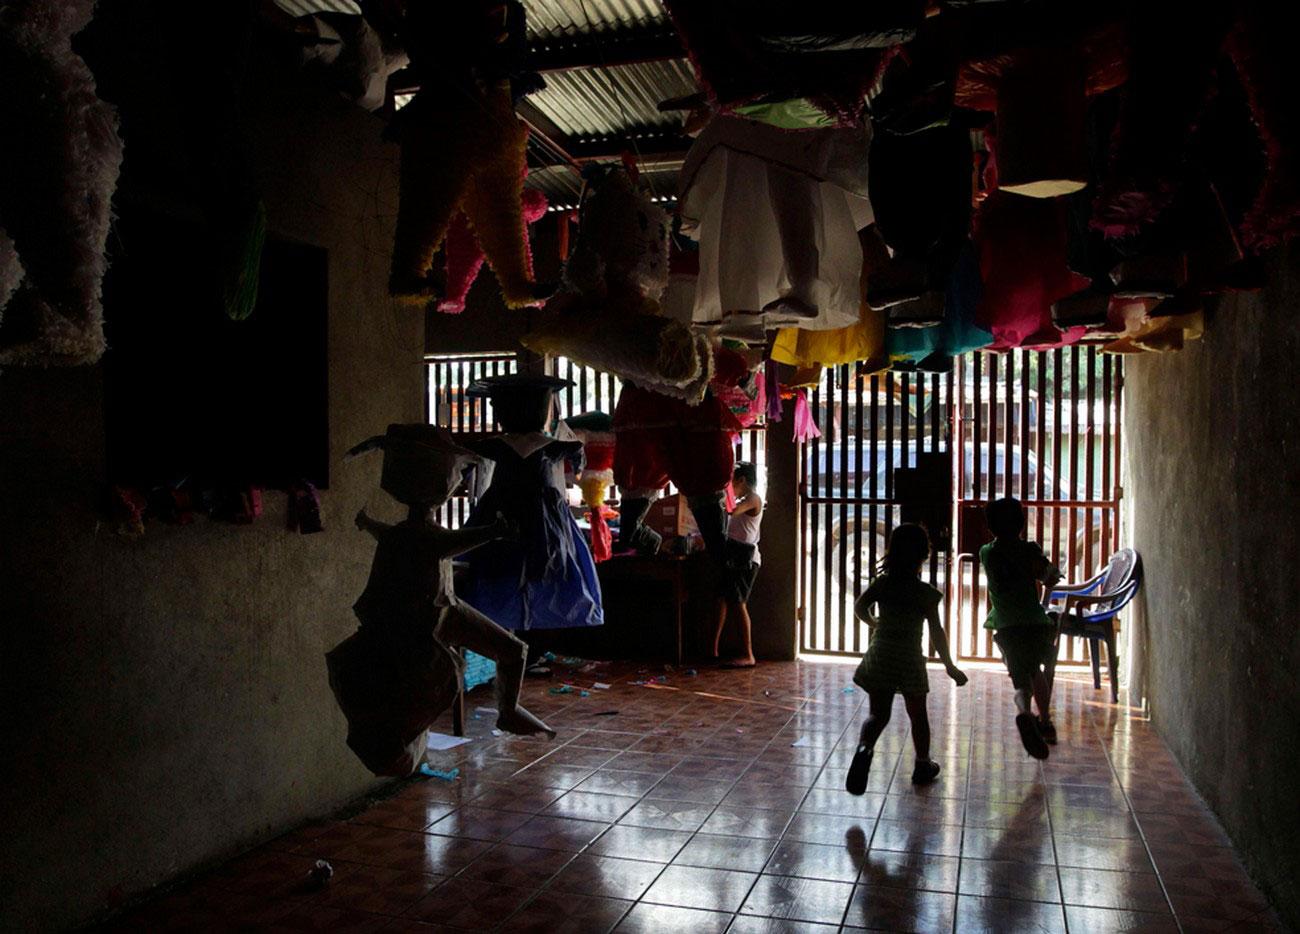 дети в предновогоднем магазине, фото